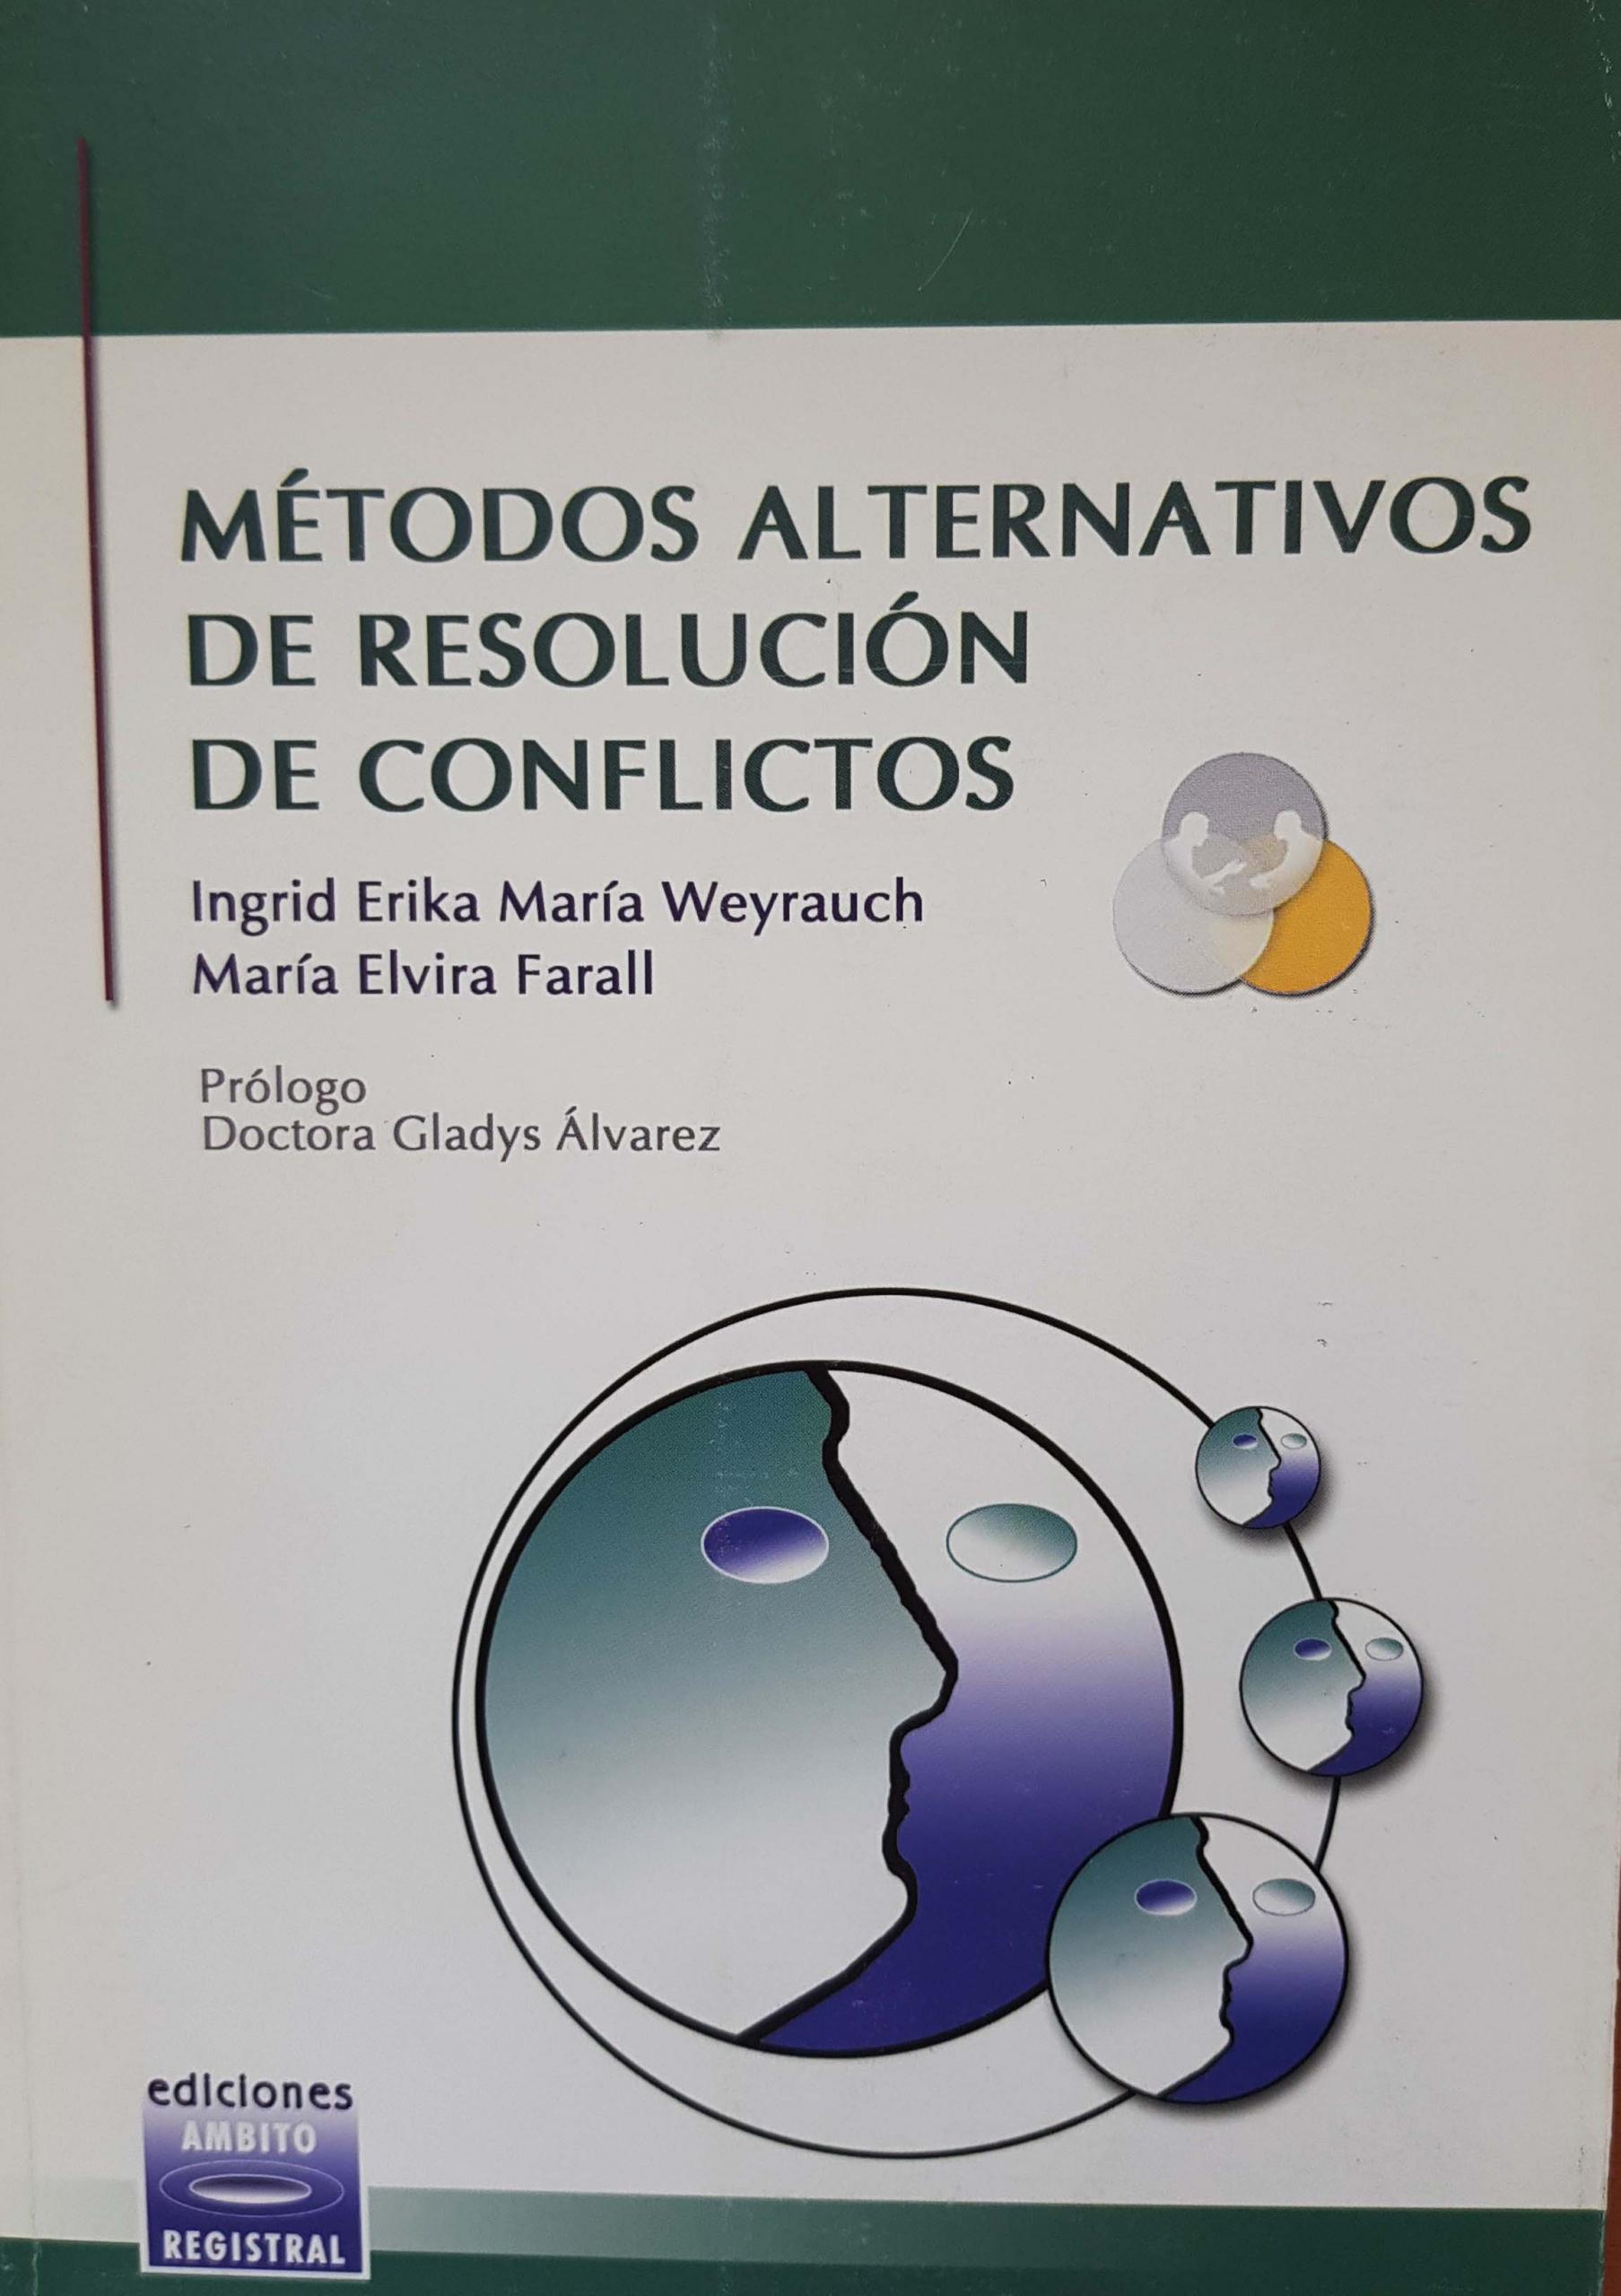 Métodos alternativos de resolución de conflictos